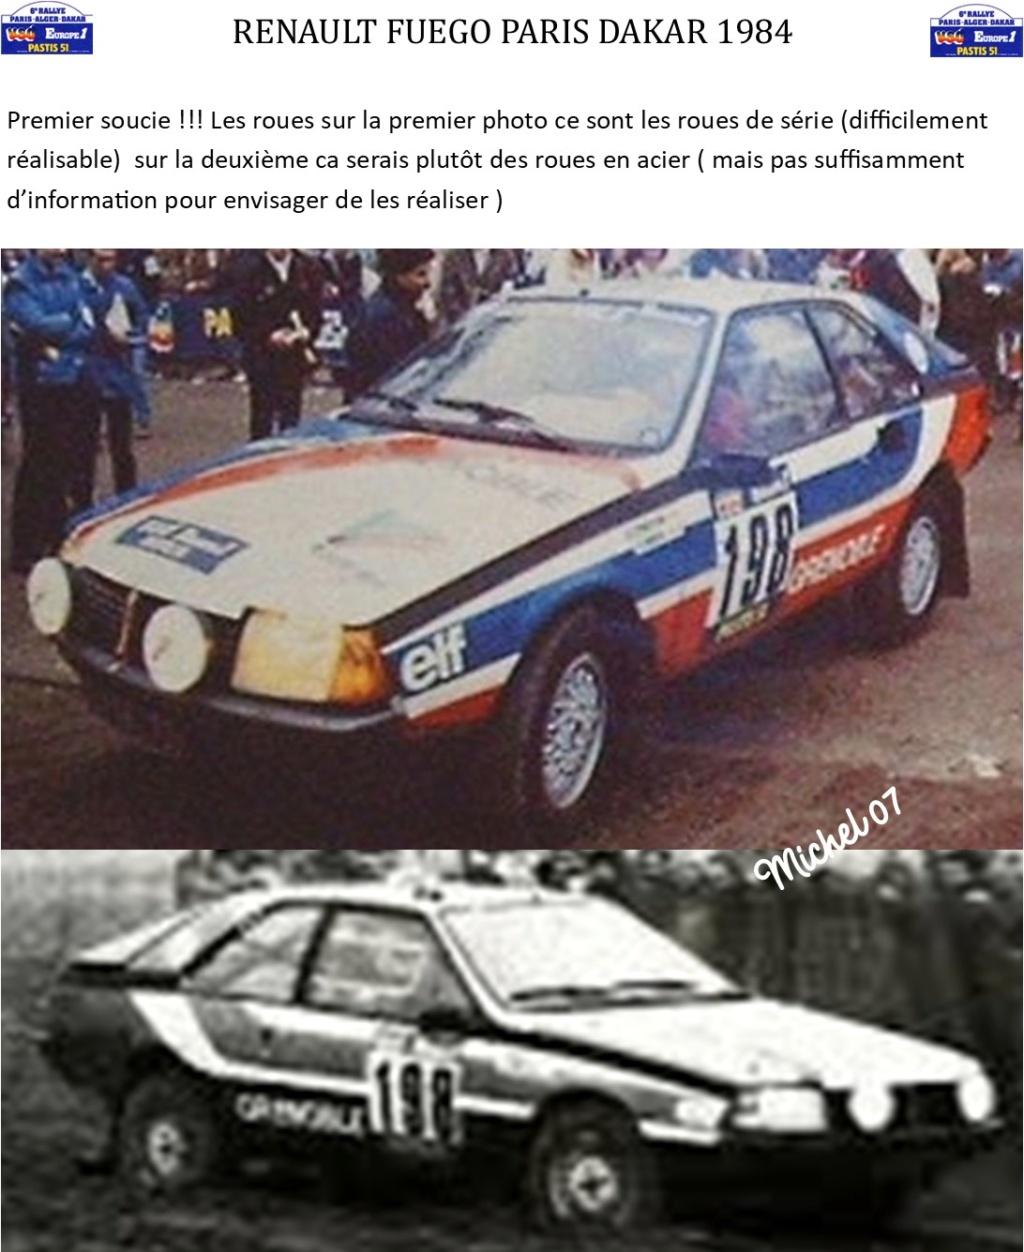 Défi 2020 - Renault Fuego 1/24 Paris Dakar 1984 Image334